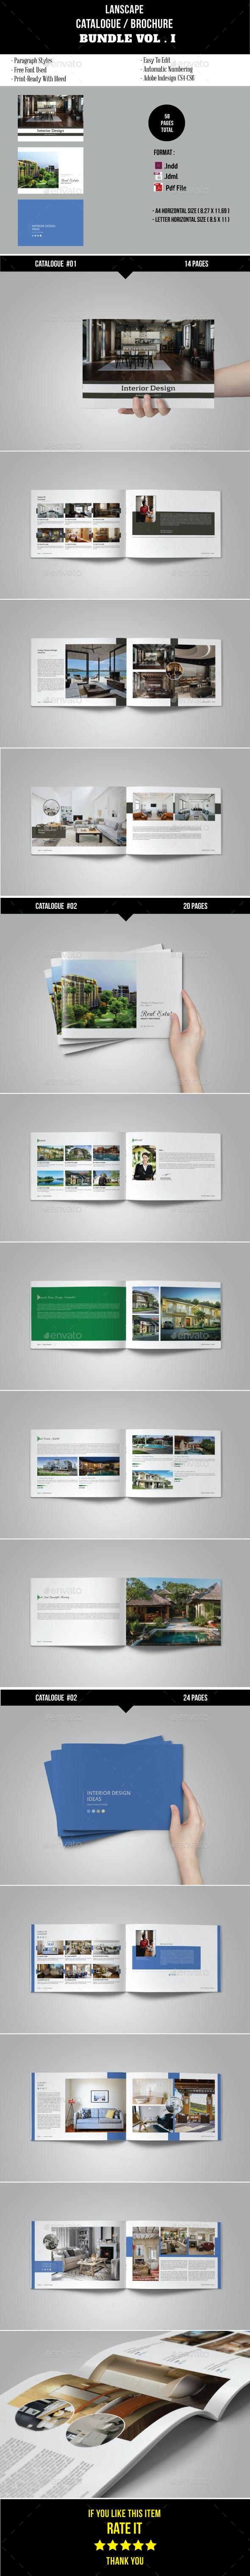 Lanscape Catalogue / Brochure Bundle Vol. 1 - Catalogs Brochures